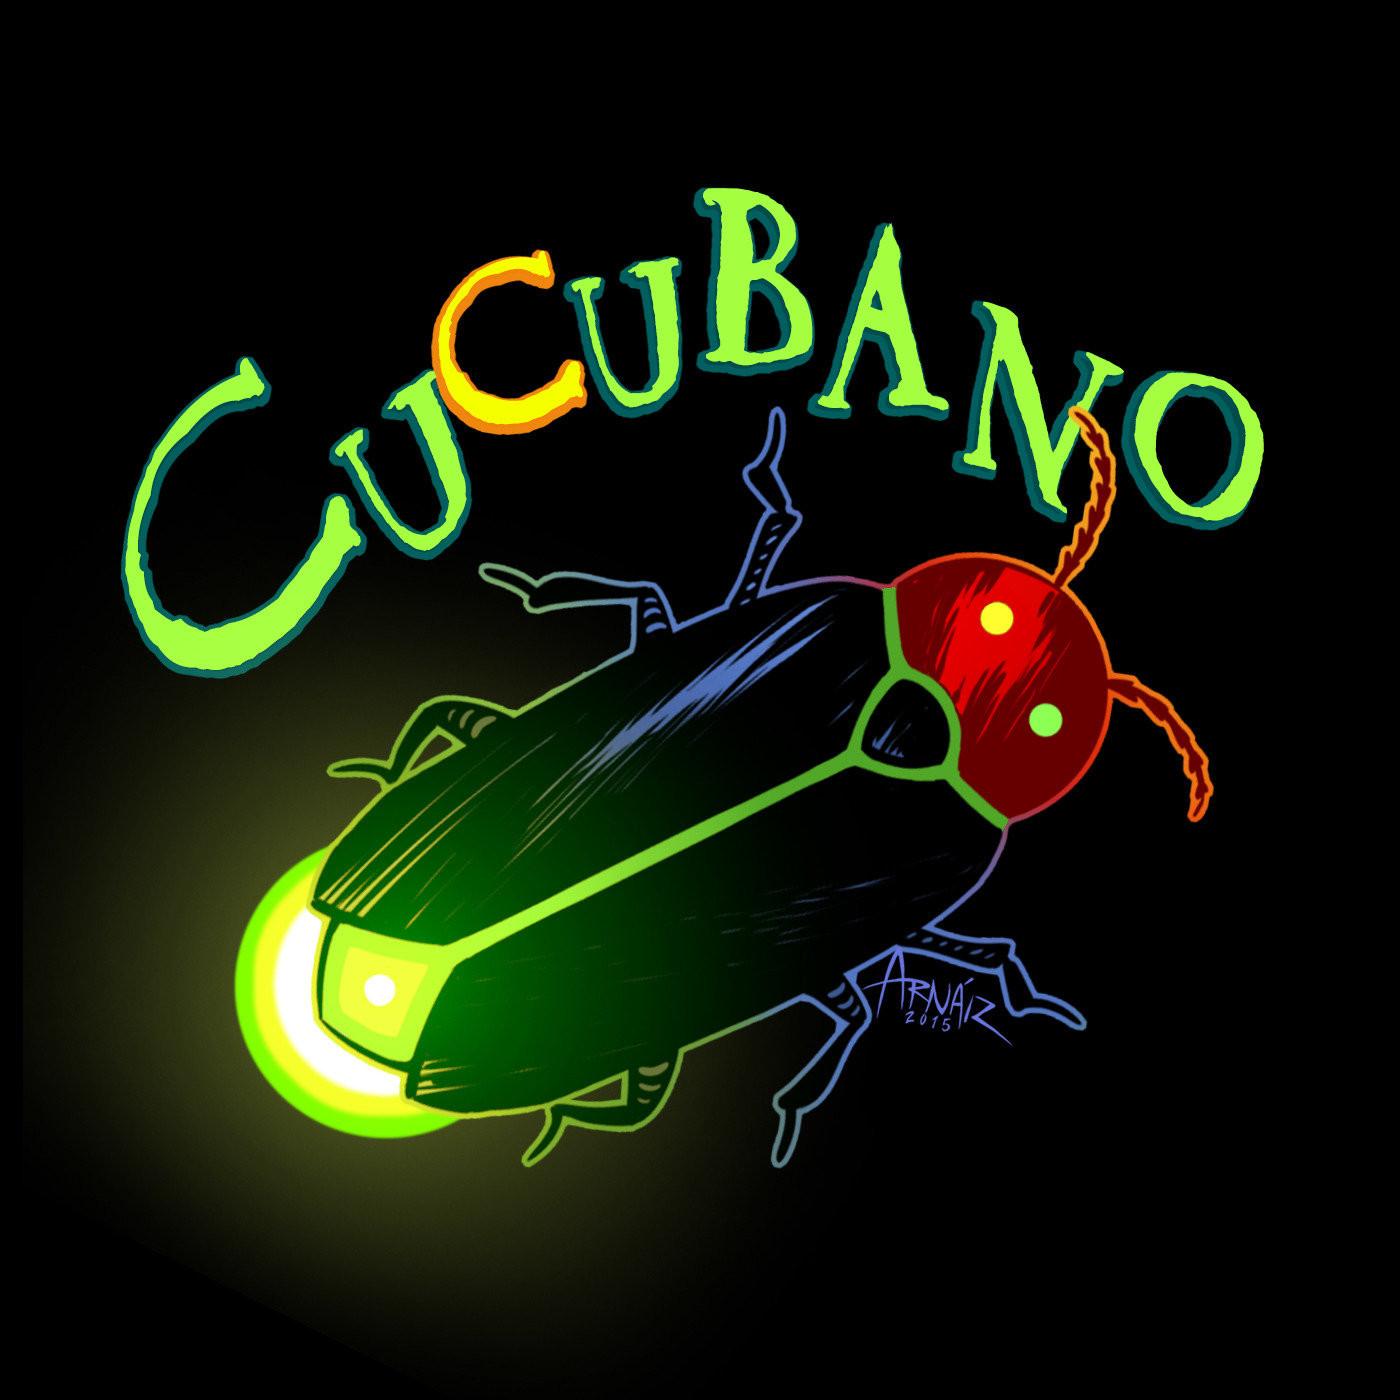 <![CDATA[Cucubano]]>